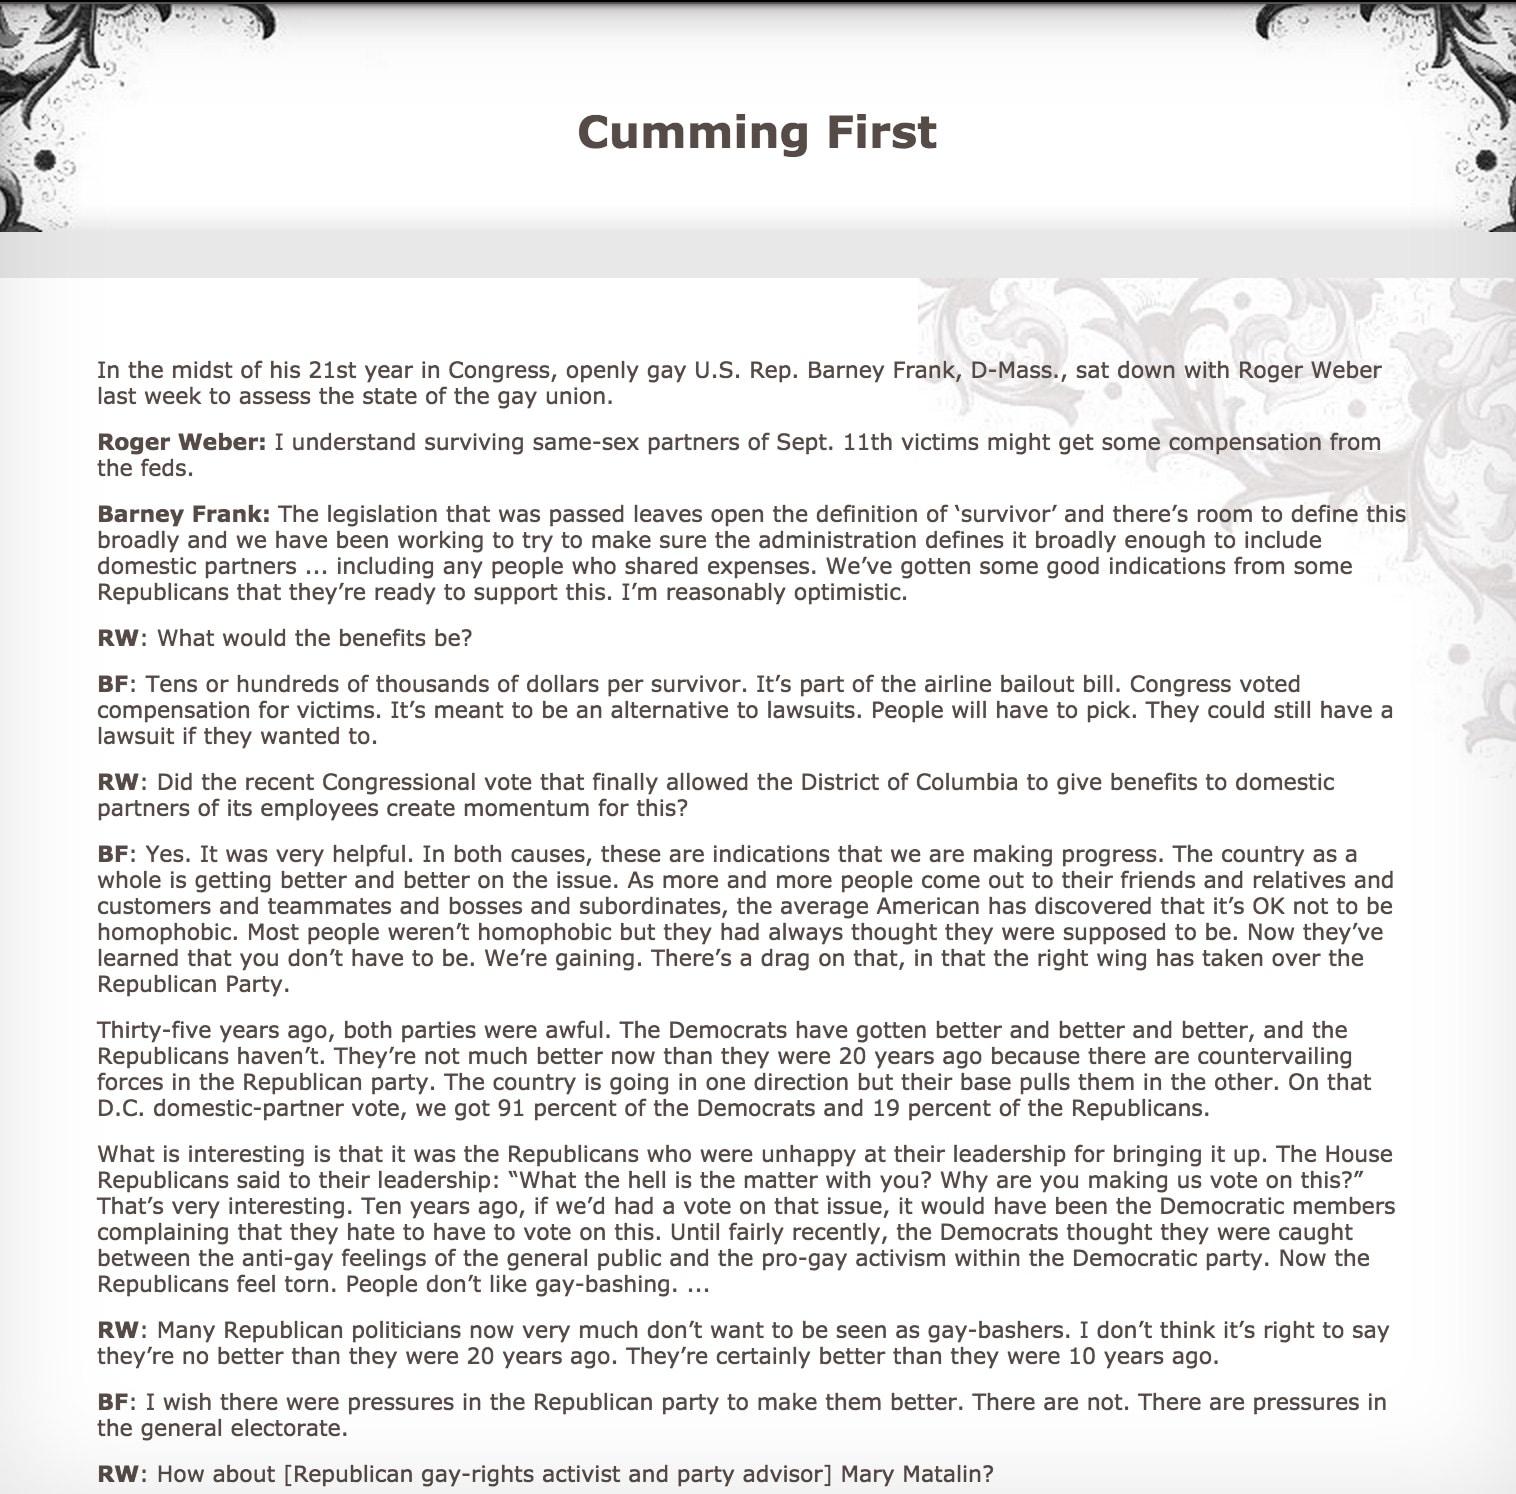 cumming first